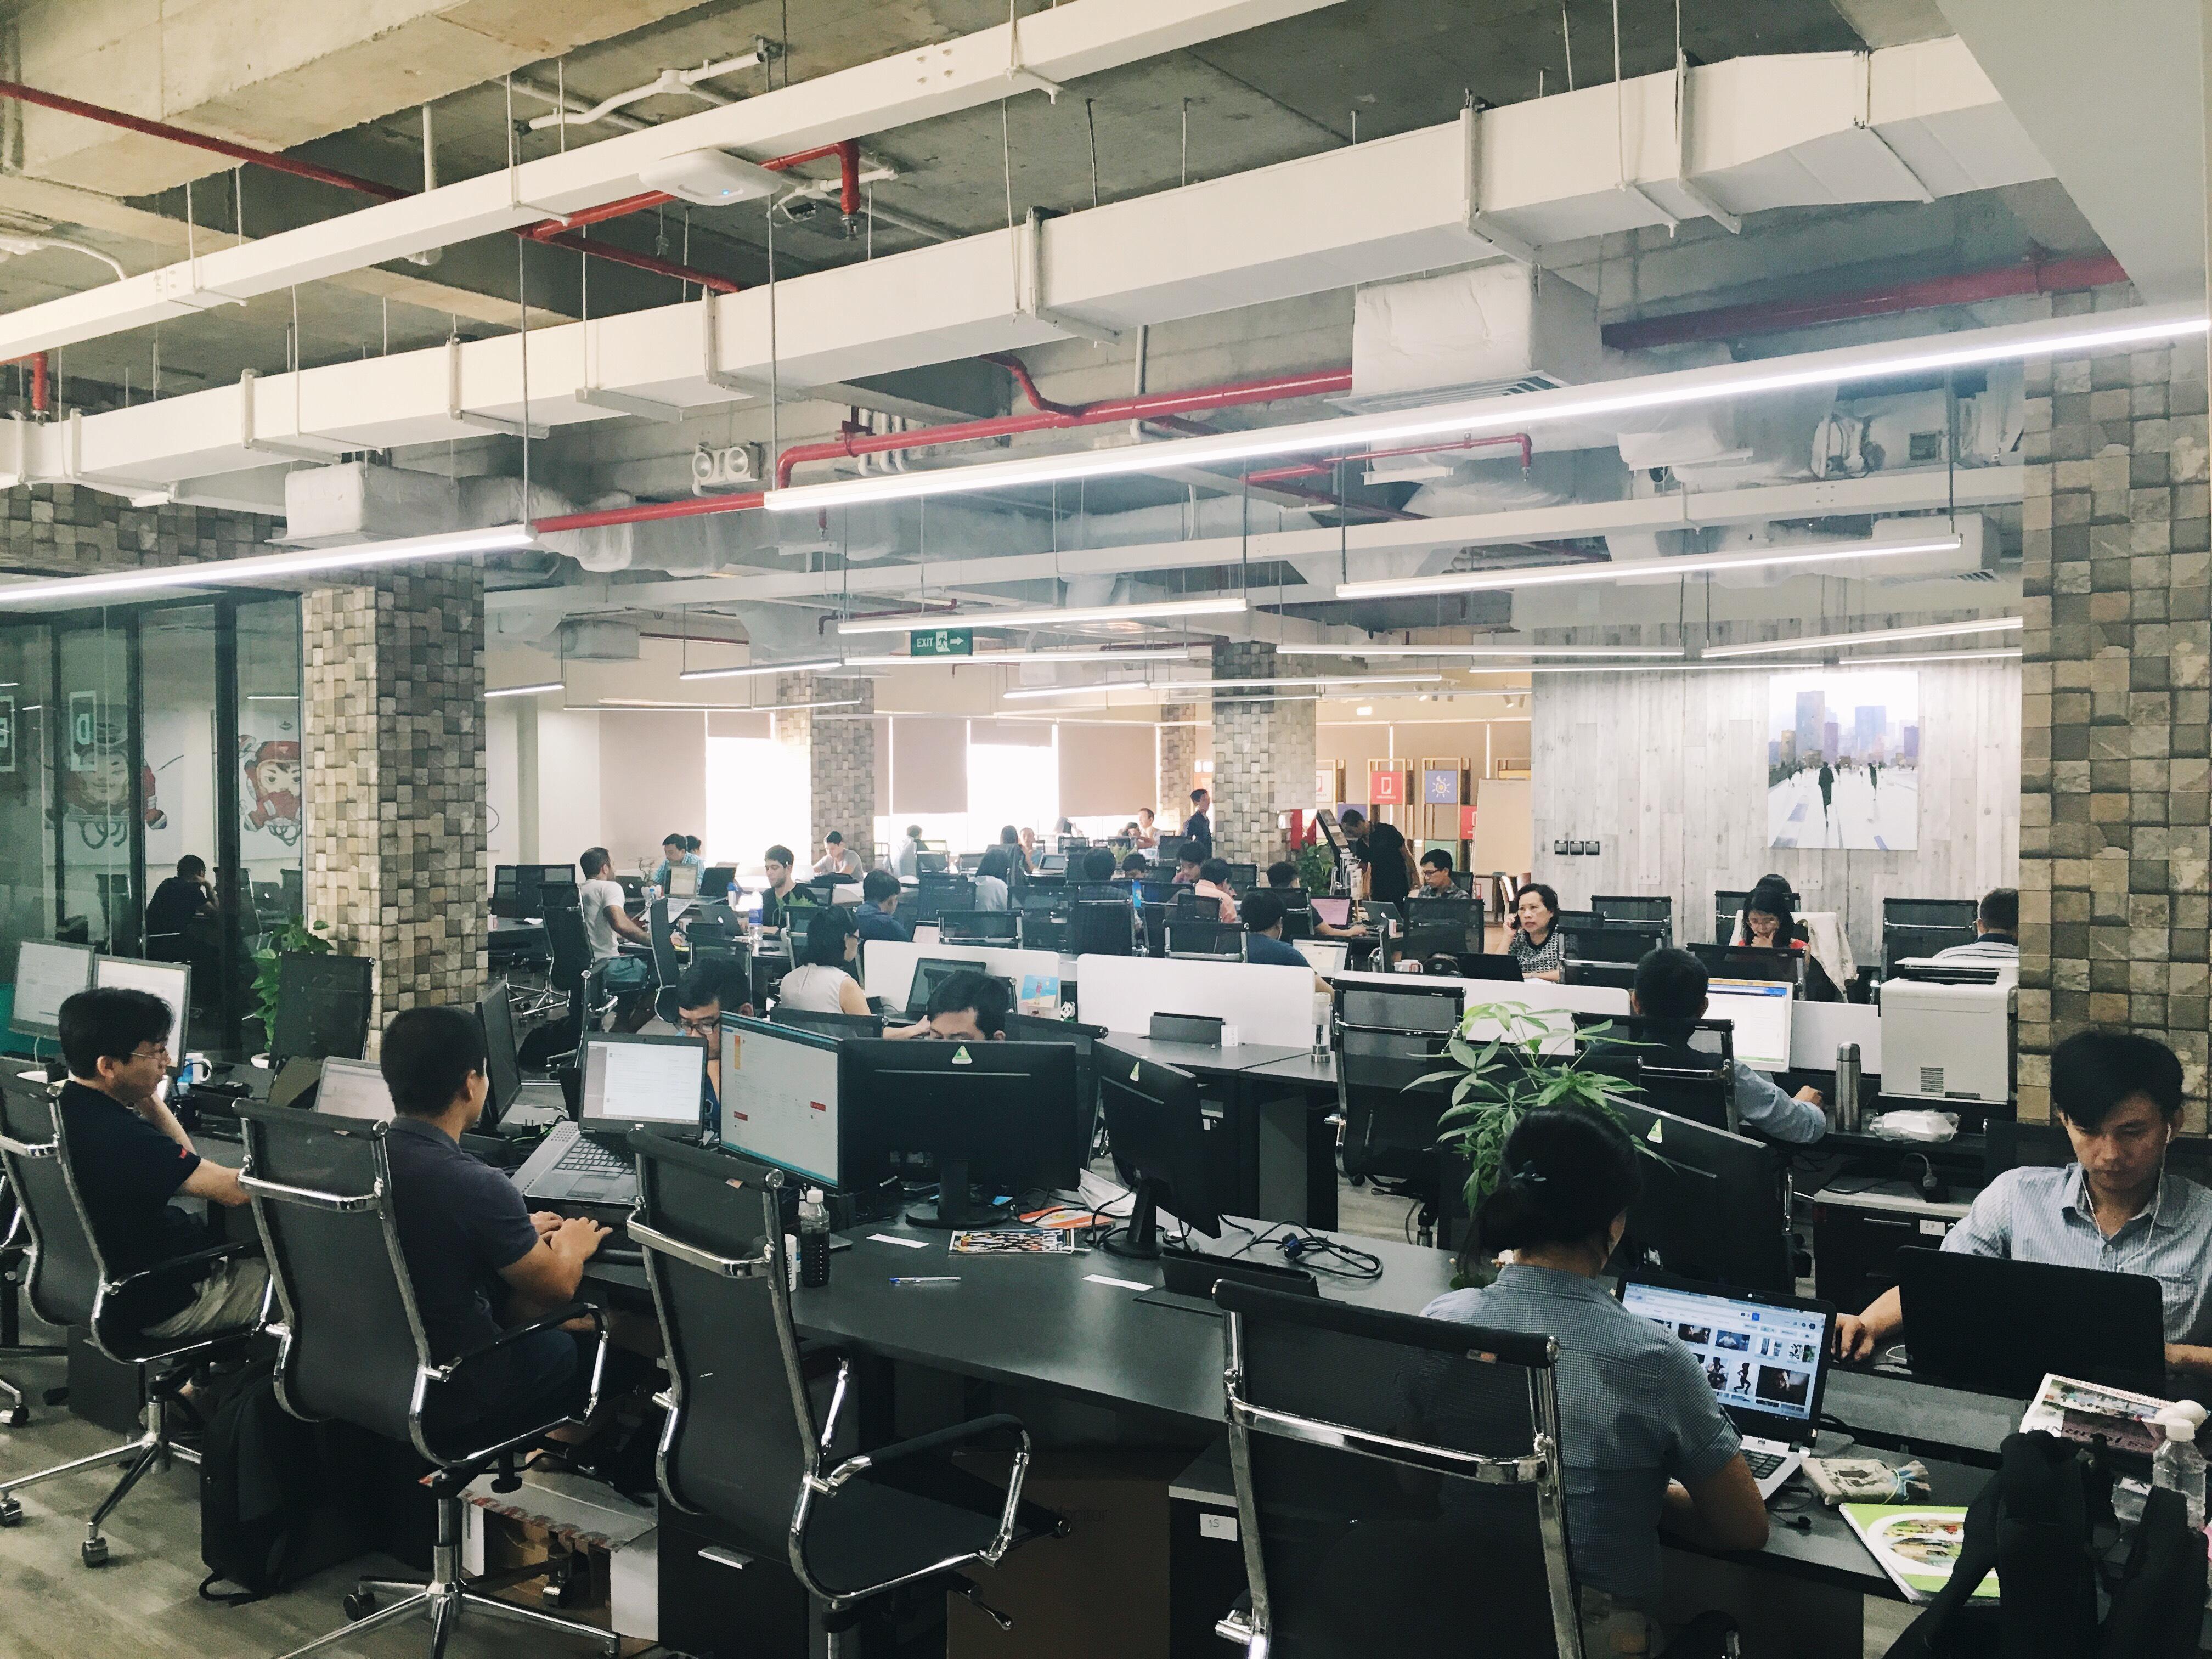 Đại diện của Dreamplex cũng xác nhận toàn bộ các công ty đang thuê trong tòa nhà được yêu cầu nghỉ làm việc từ cuối giờ chiều ngày 23/5 đến hết ngày 24/5. Ngày 25/5, mọi hoạt động tại đây trở lại bình thường.